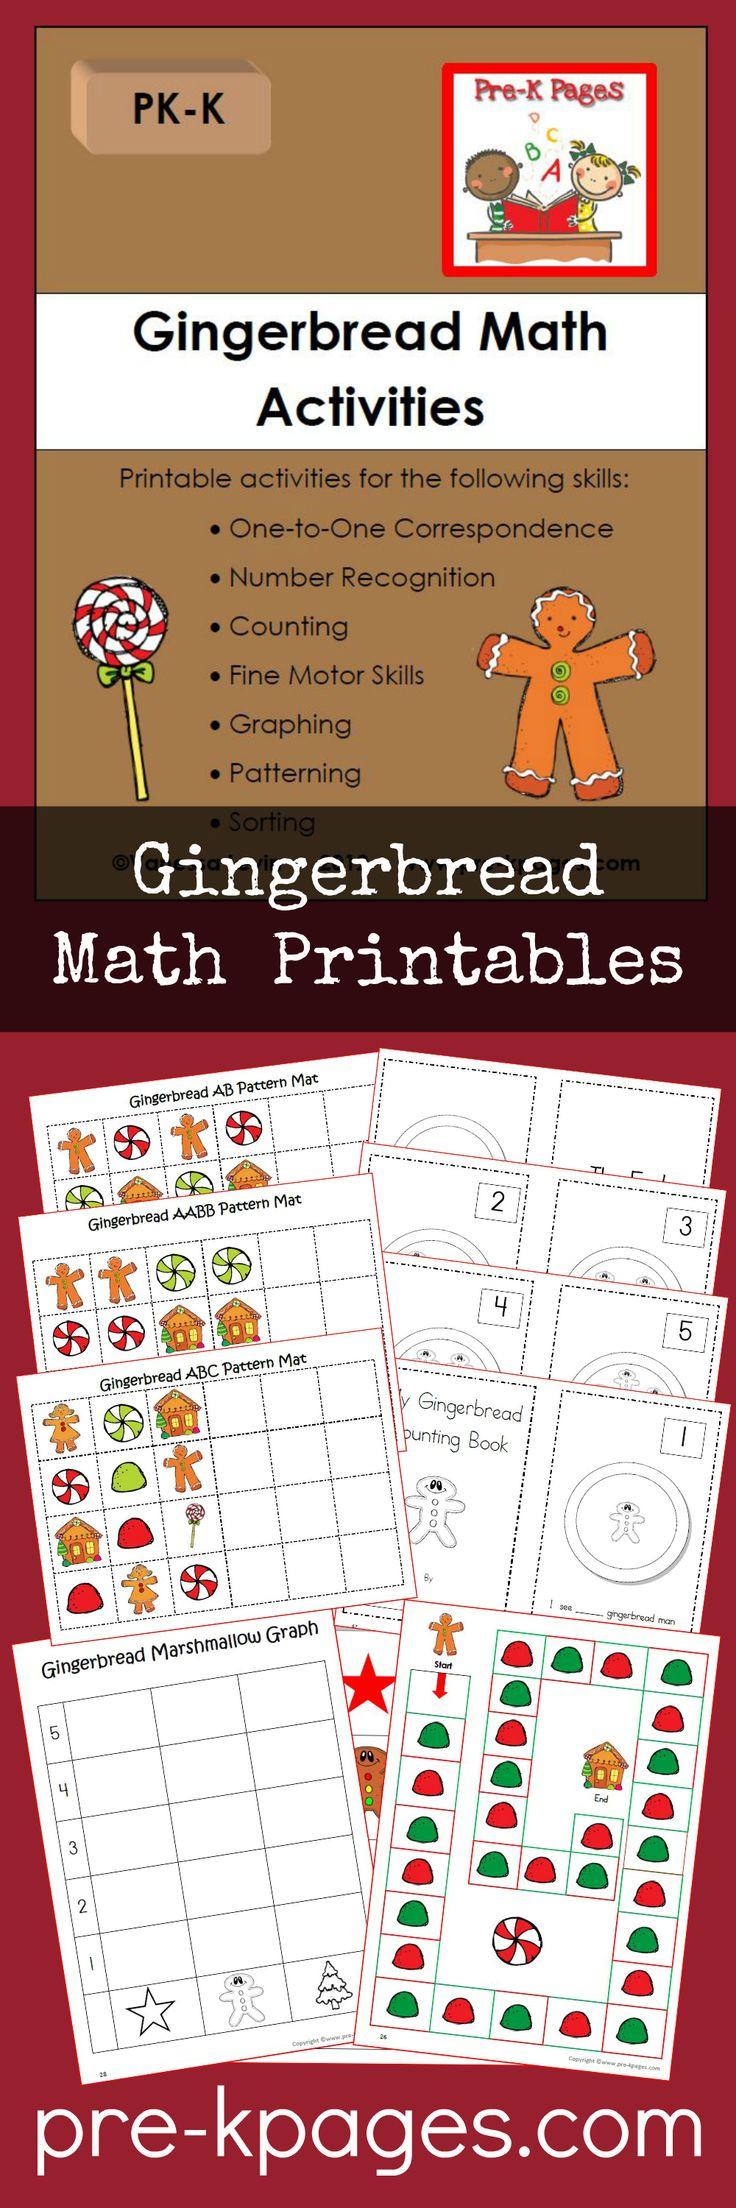 Printable Gingerbread Math Activities for Preschool and Kindergarten